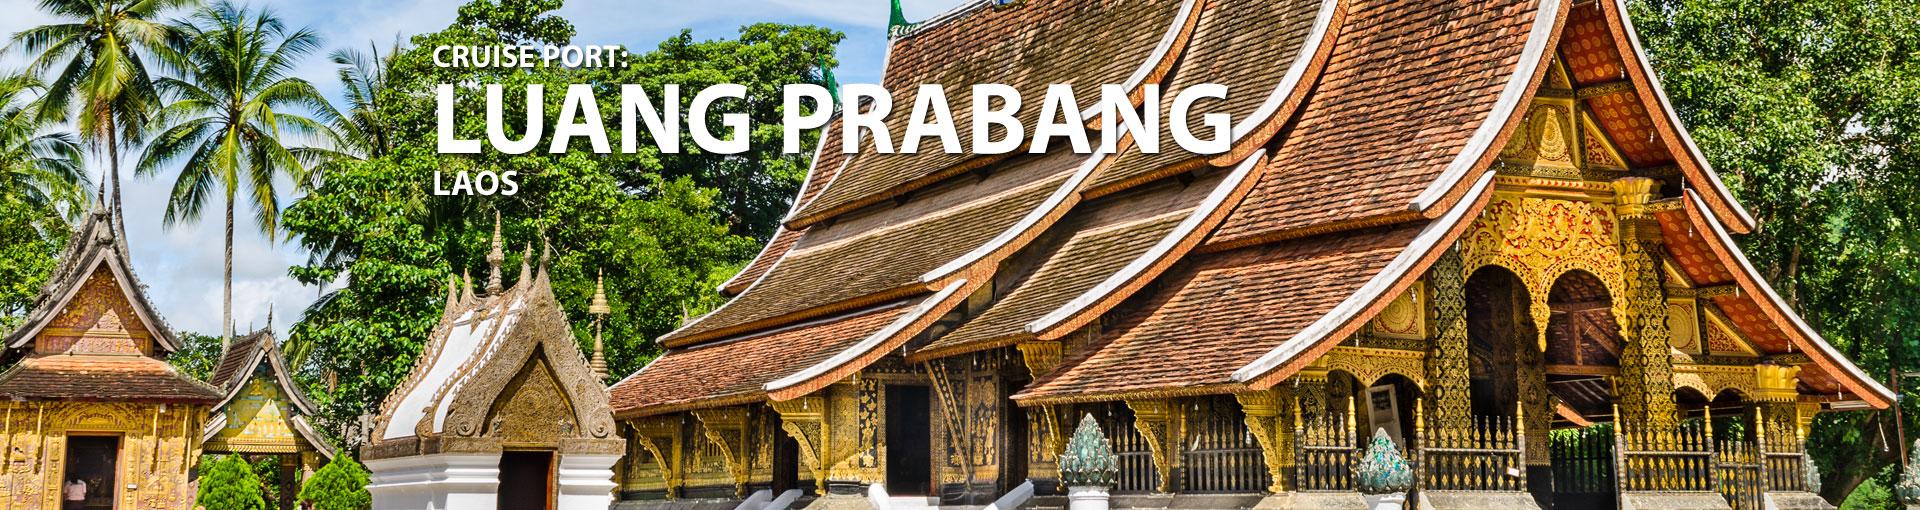 Cruises to Luang Prabang, Laos